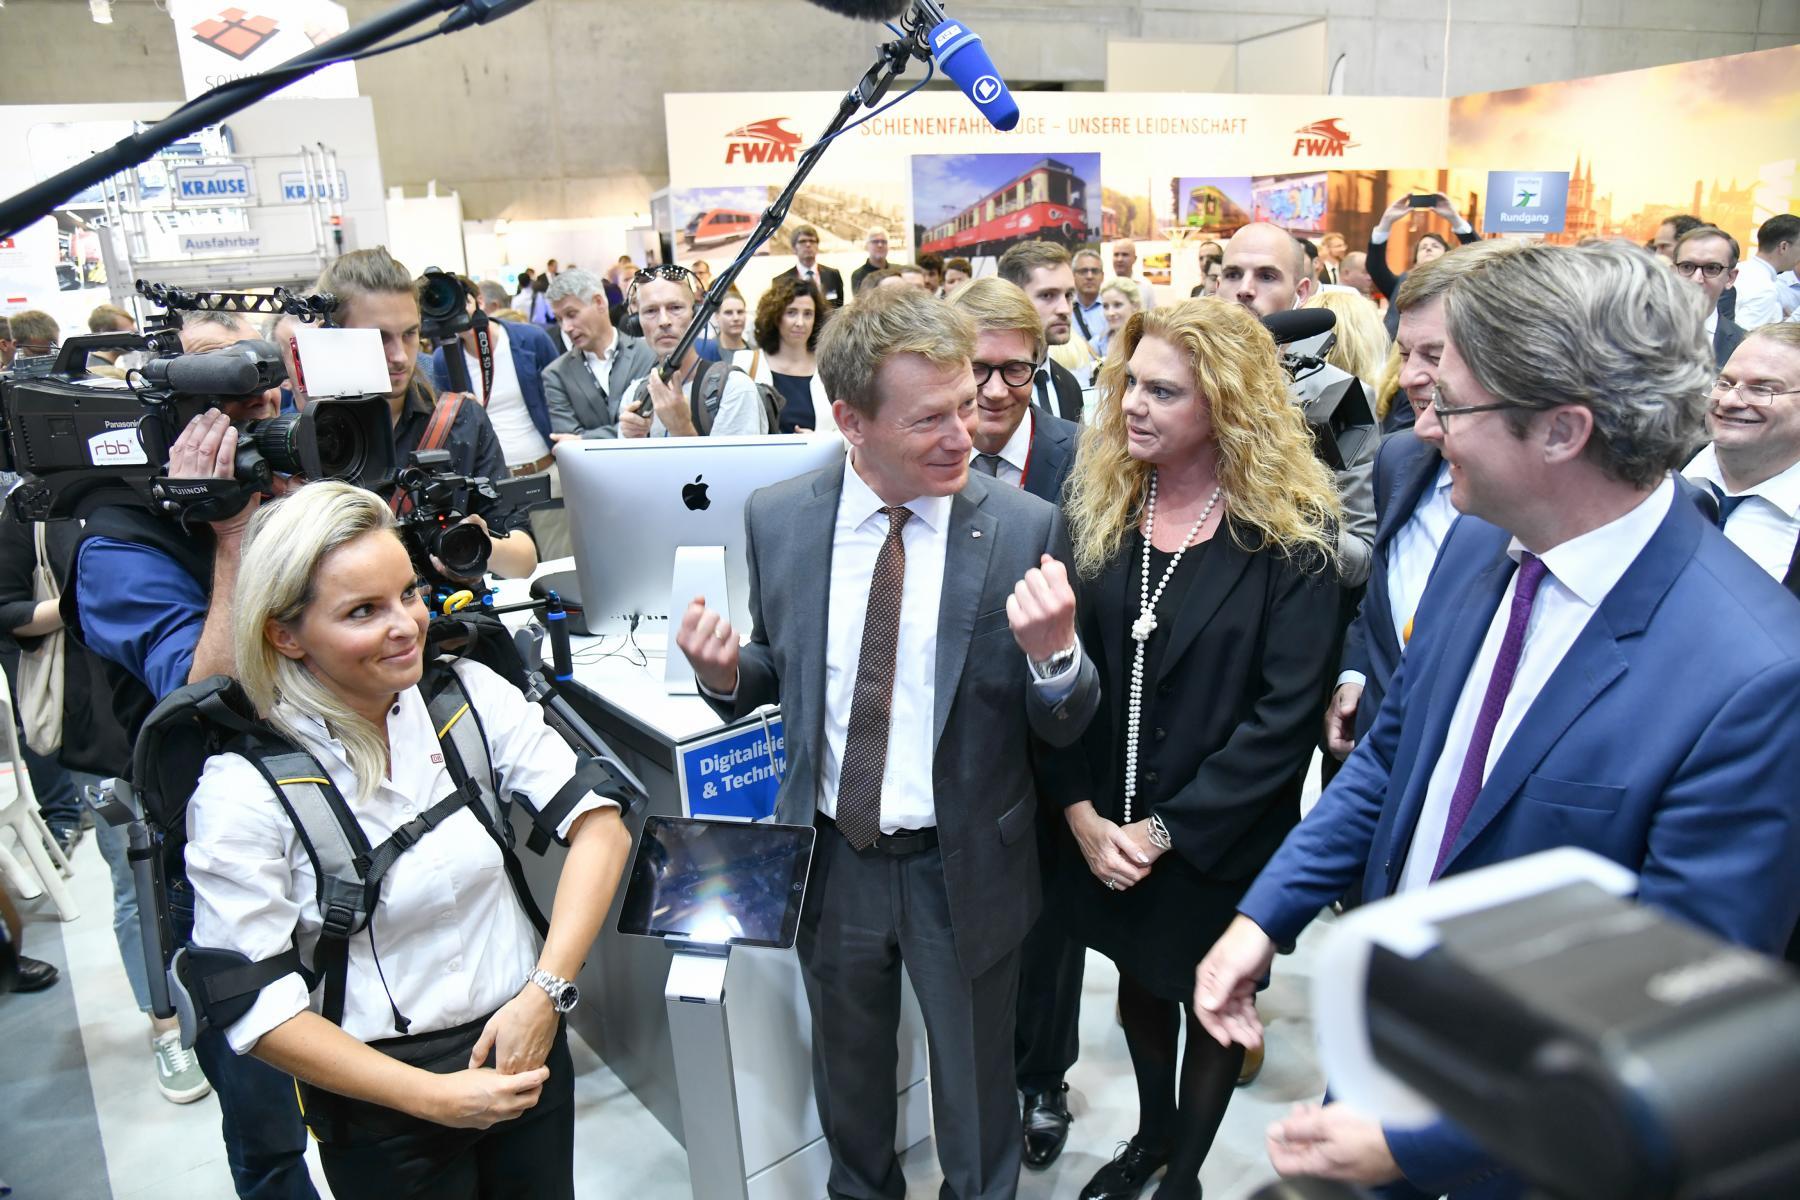 Eventfotografie: Deutsche Bahn und Minister Scheuer